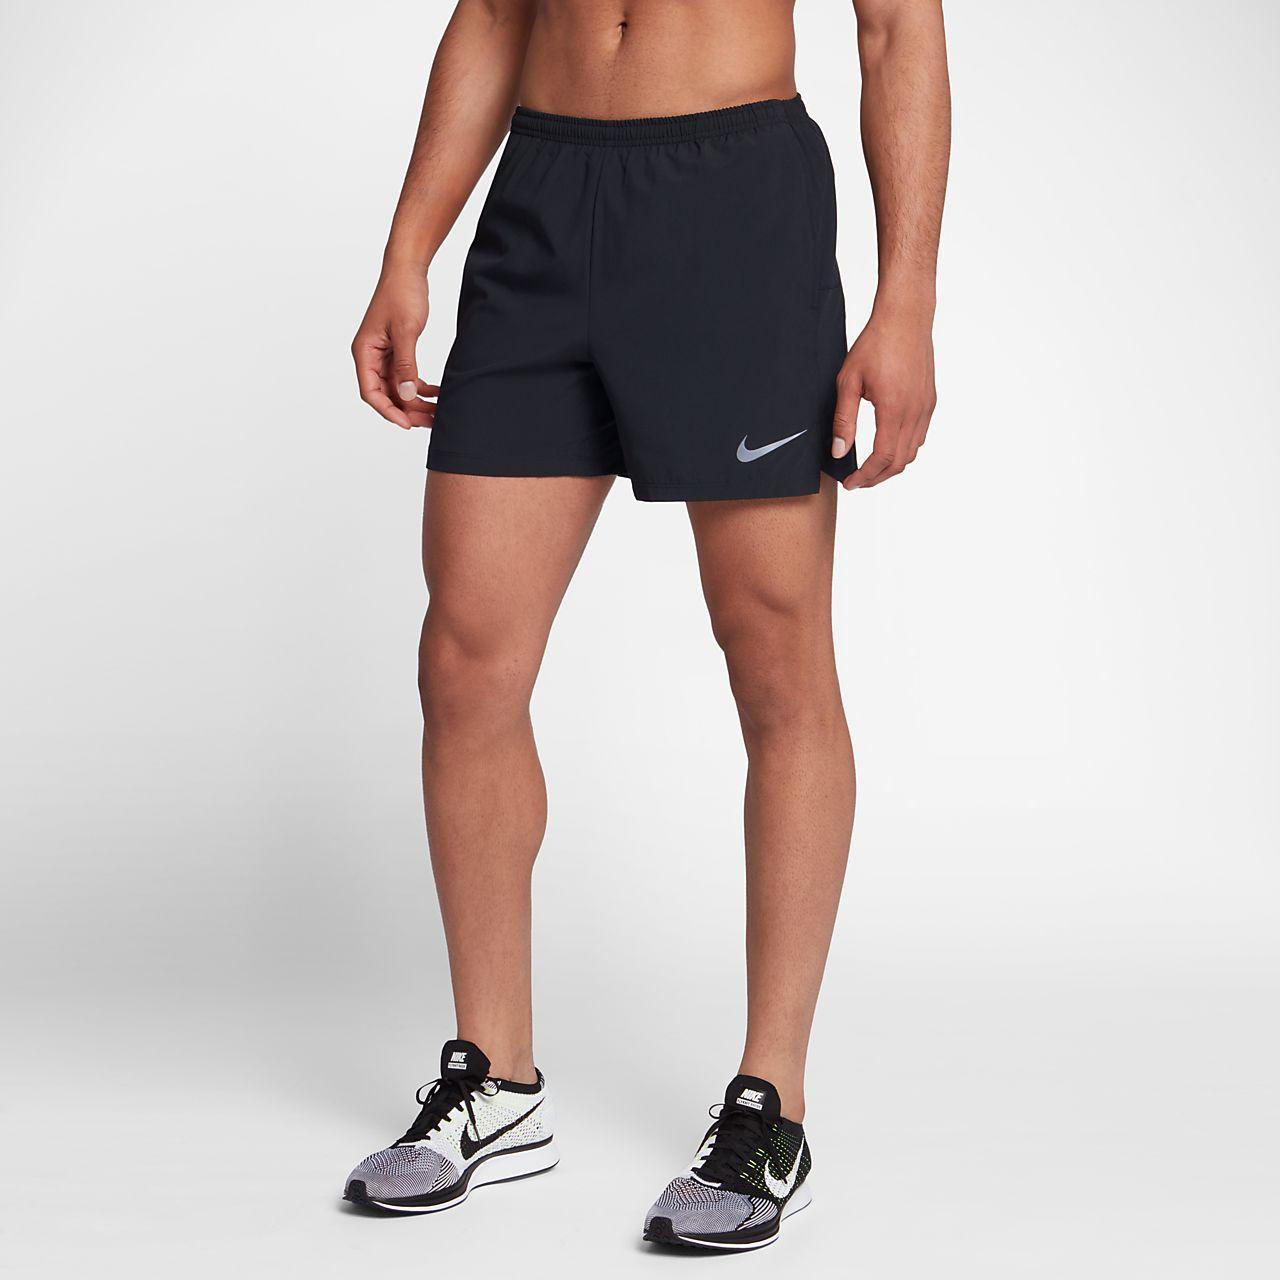 Ανδρικό σορτς για τρέξιμο 12,5 cm Nike Challenger